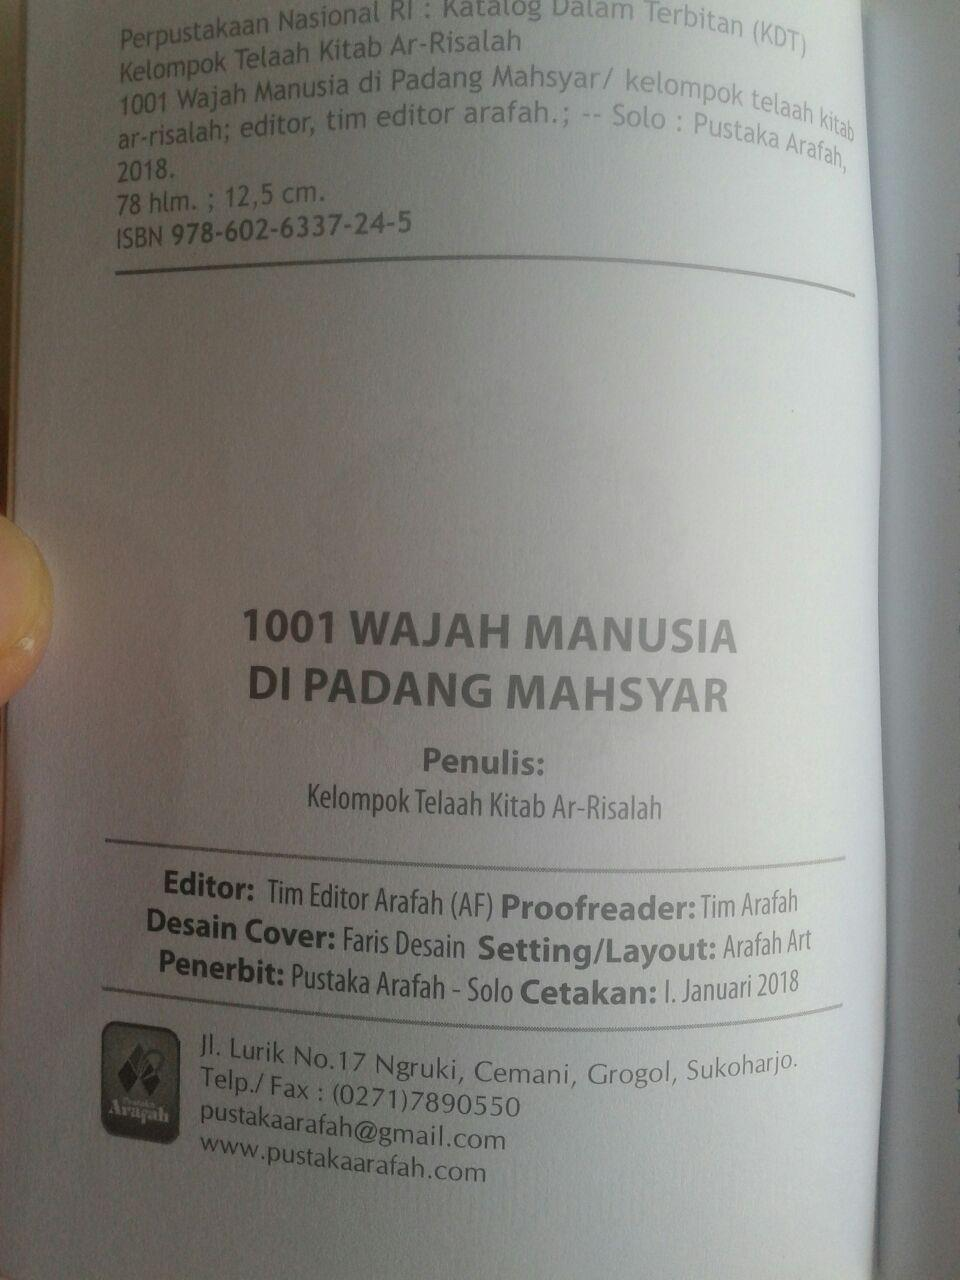 Buku Saku 1001 Wajah Manusia Di Padang Mahsyar isi